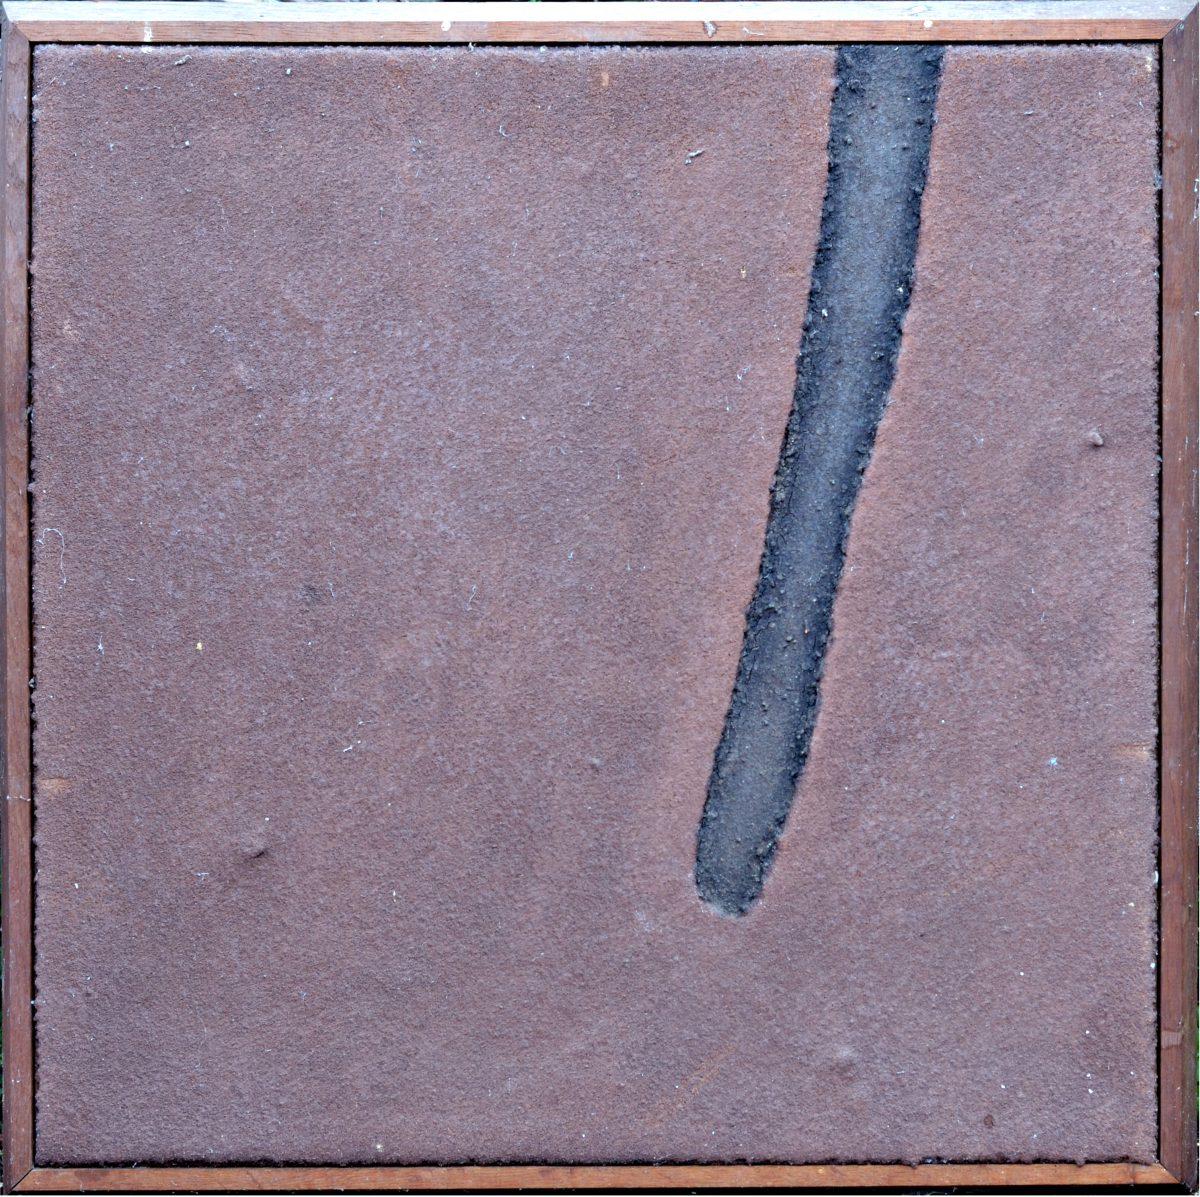 Angel Alonso -Terre violette et bande noire - Terre élaborée - 60x60 cm